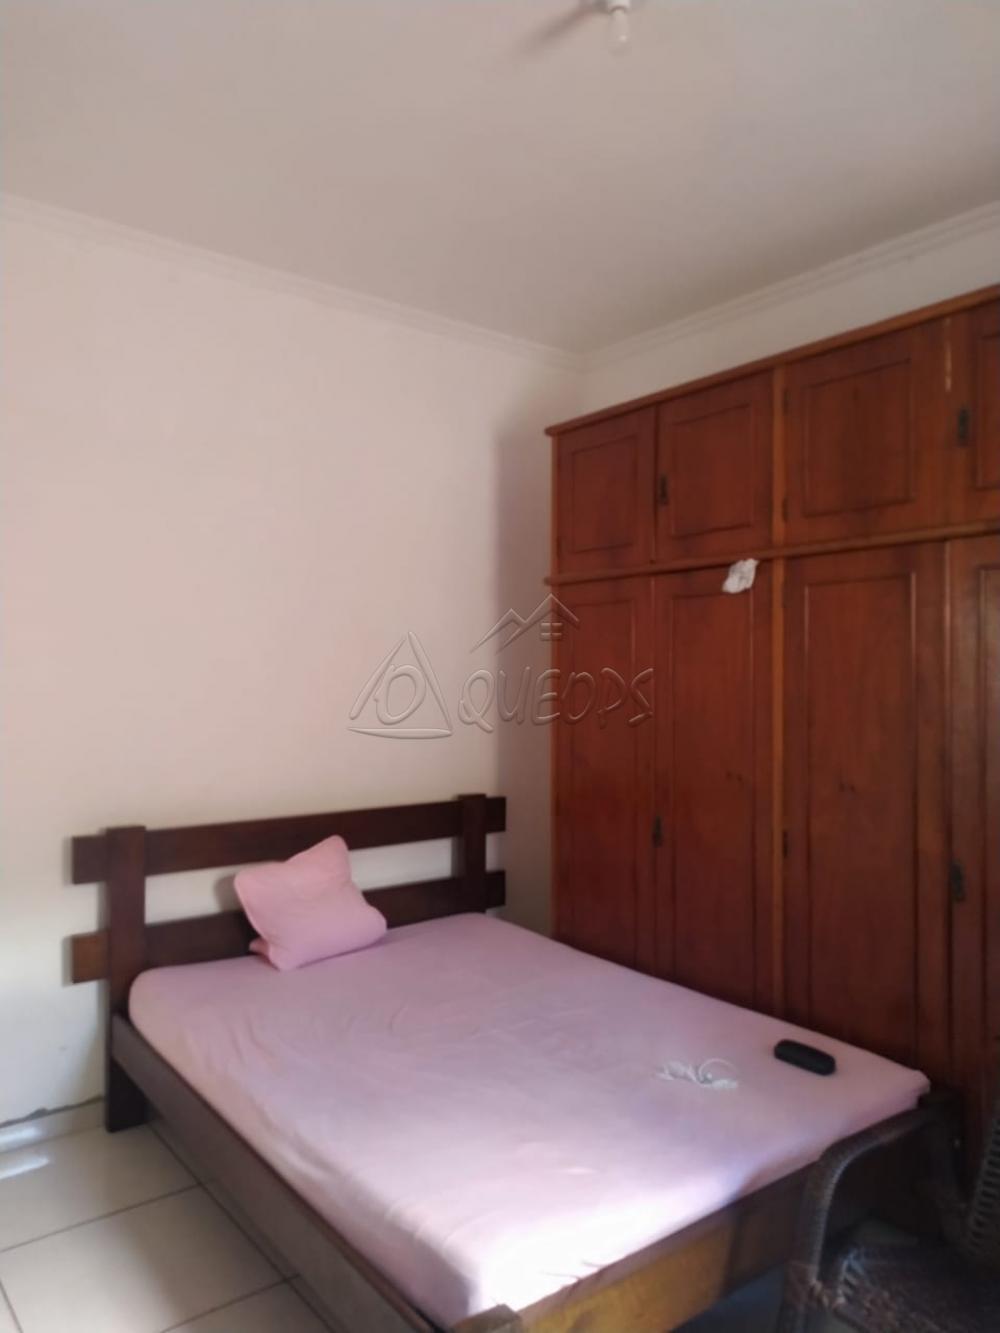 Comprar Casa / Padrão em Barretos apenas R$ 280.000,00 - Foto 12